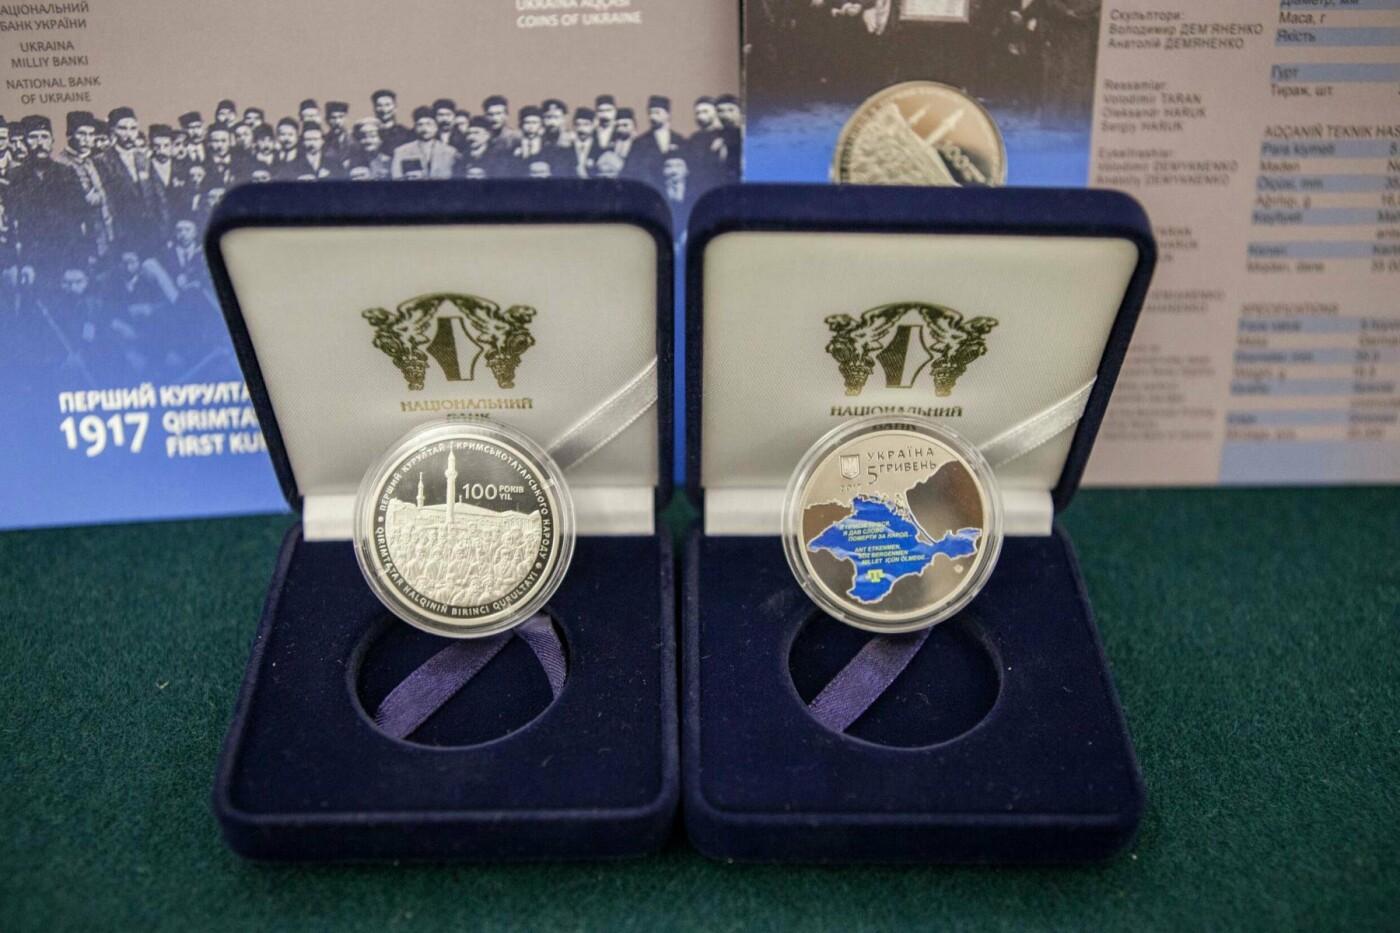 НБУ выпустил новую памятную монету (ВИДЕО) , фото-1